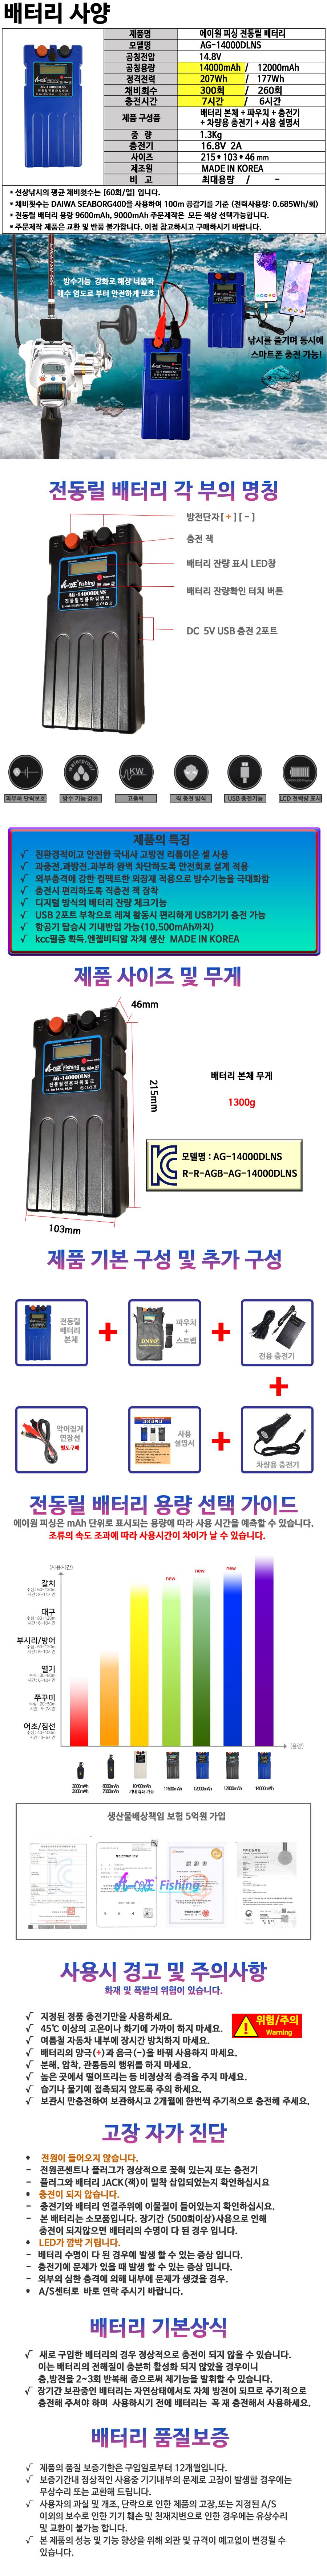 AG_14000DLNS_14000mAh.jpg